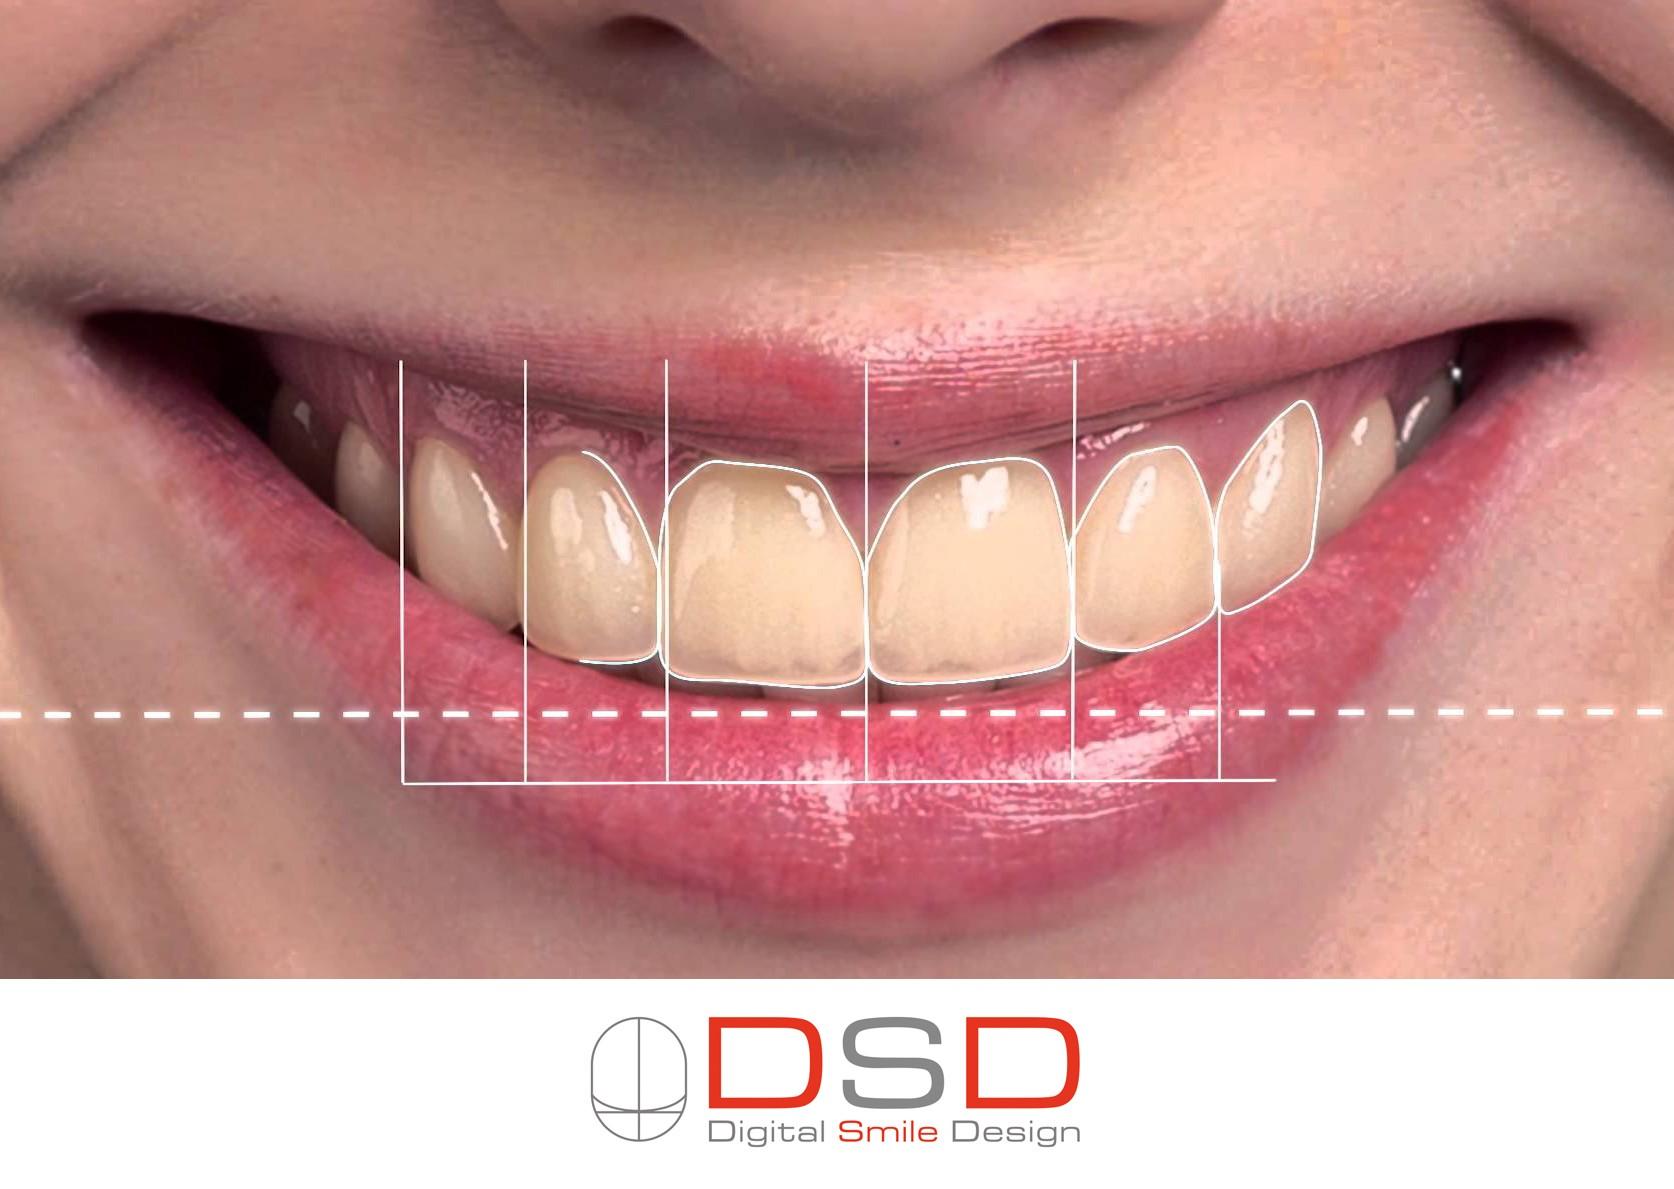 עיצוב החיוך בשיטת Digital Smile Design